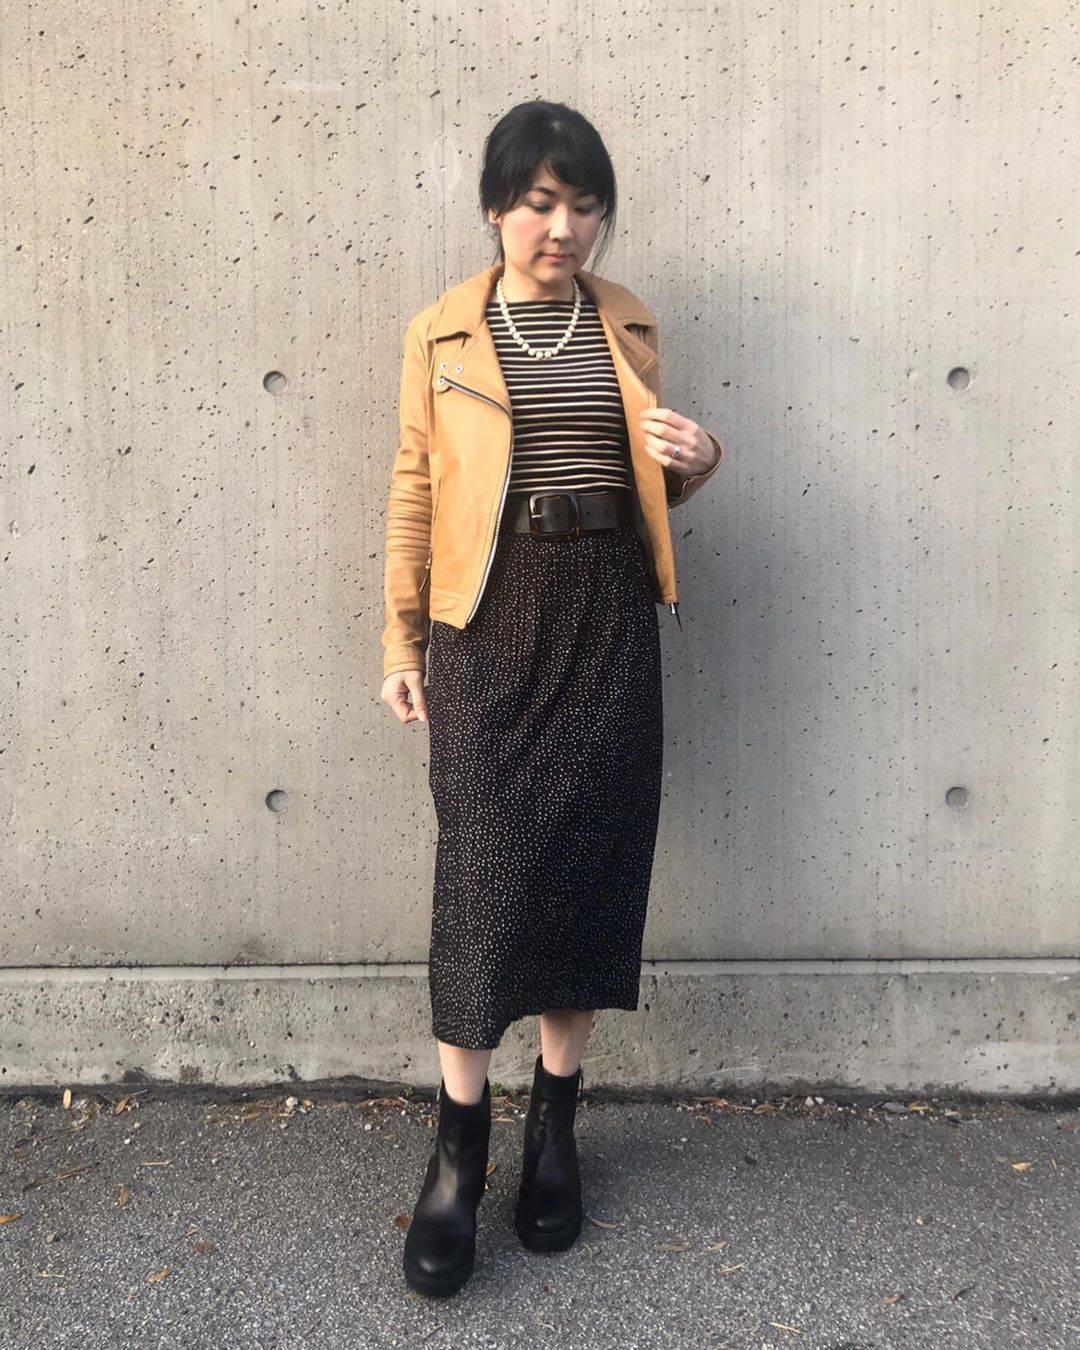 最高気温17度・最低気温10度 i.styleclosetの服装